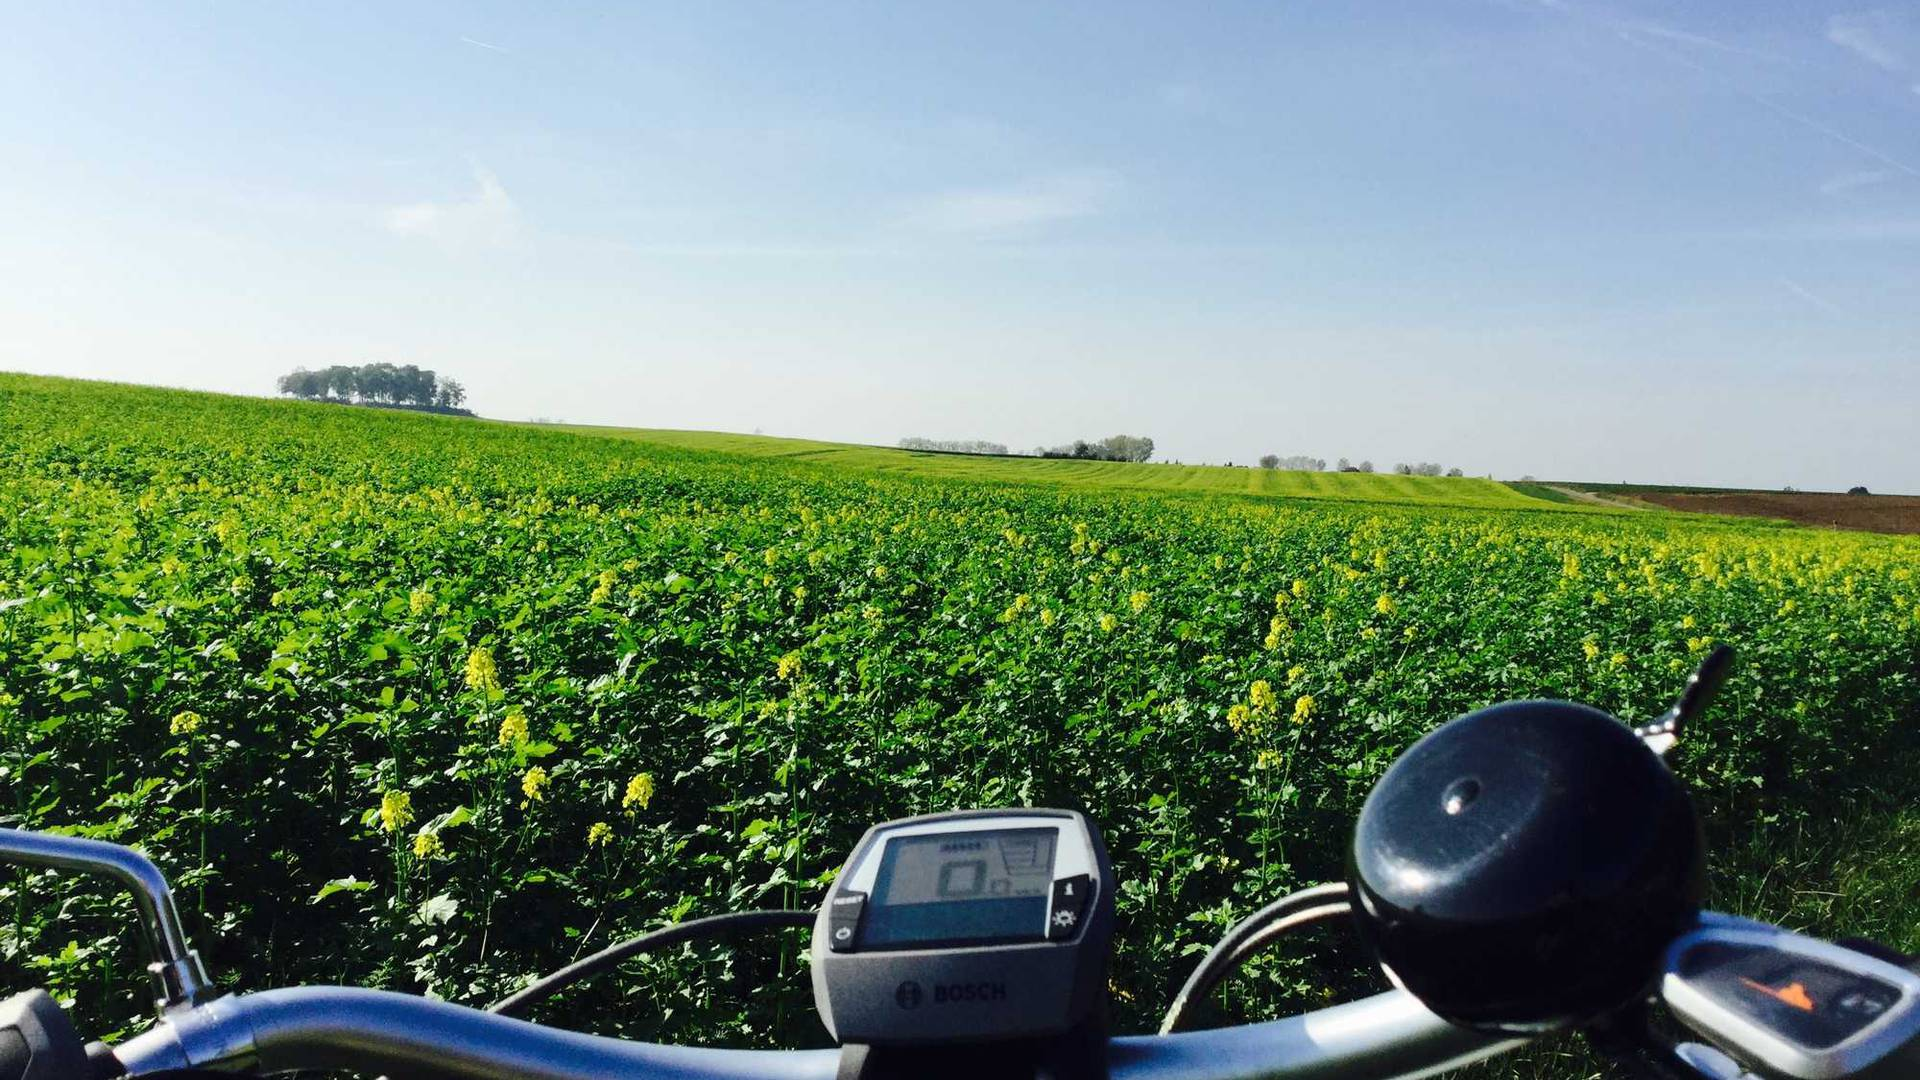 Vélo devant un paysage de champ